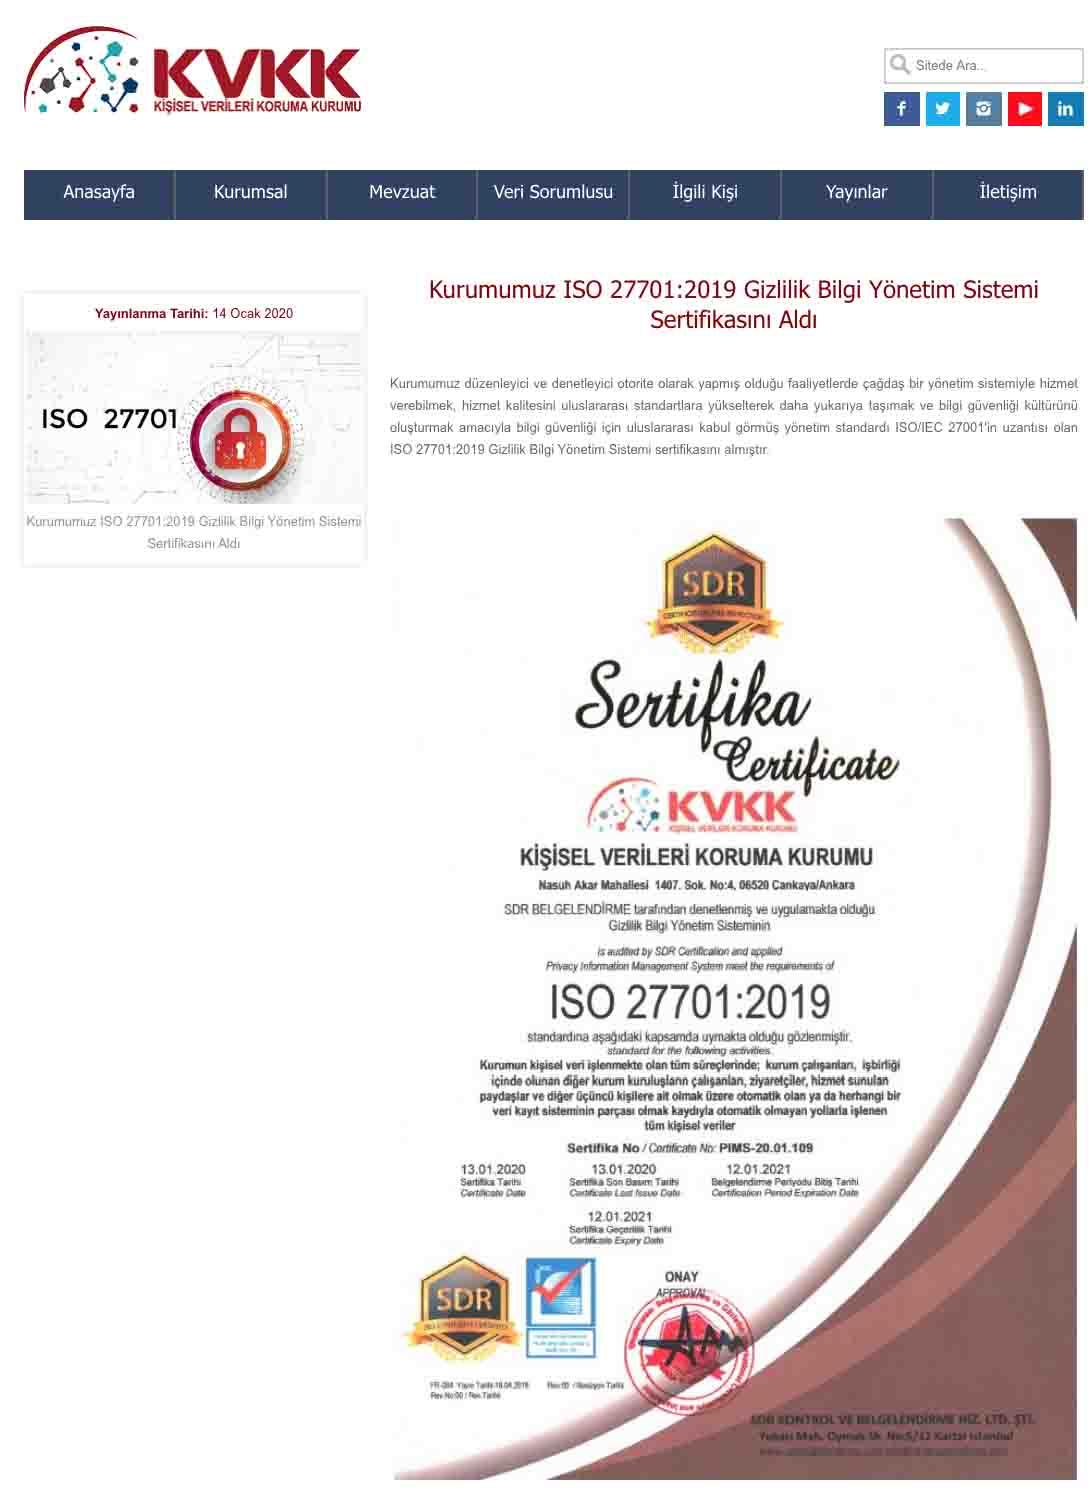 KVK Kurumu ISO 27701:2019 Gizlilik Bilgi Yönetim Sistemi Sertifikasını Aldı 1